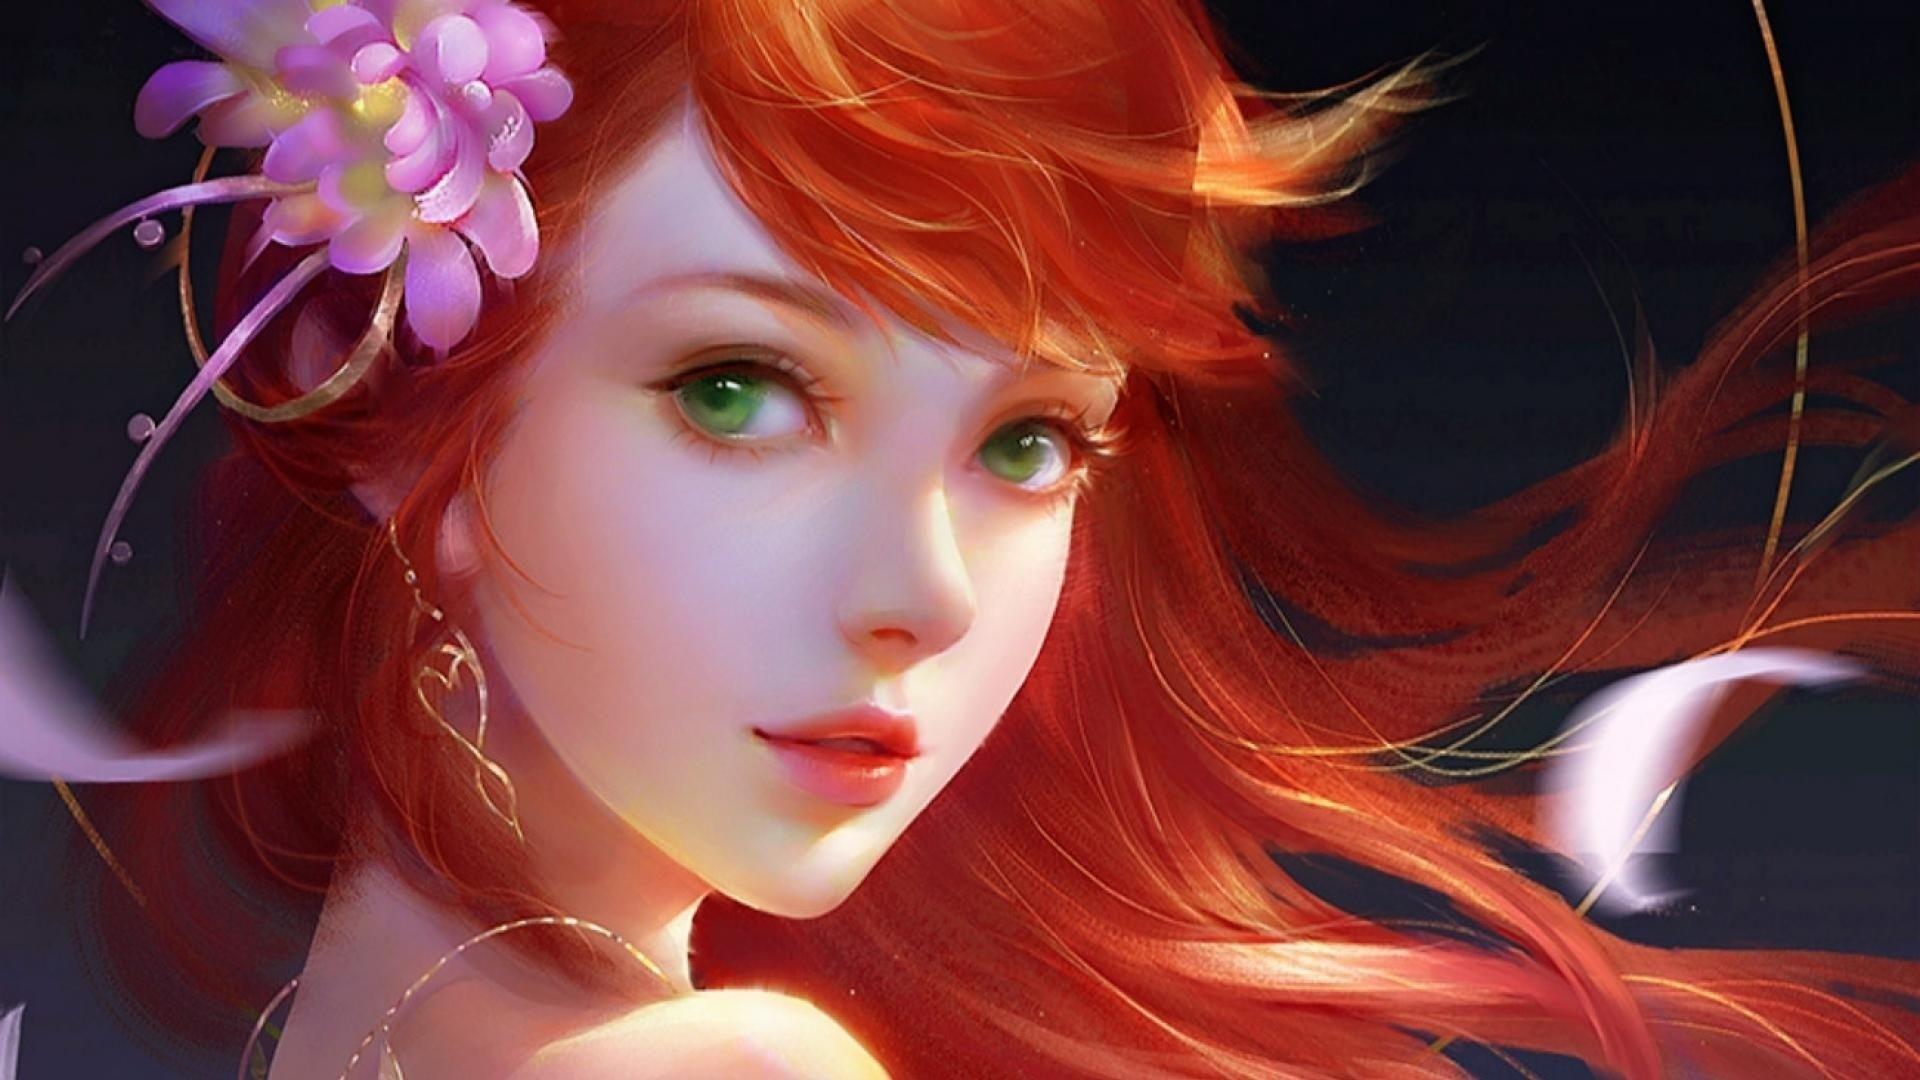 Red Hair Anime Girl Wallpaper for pc